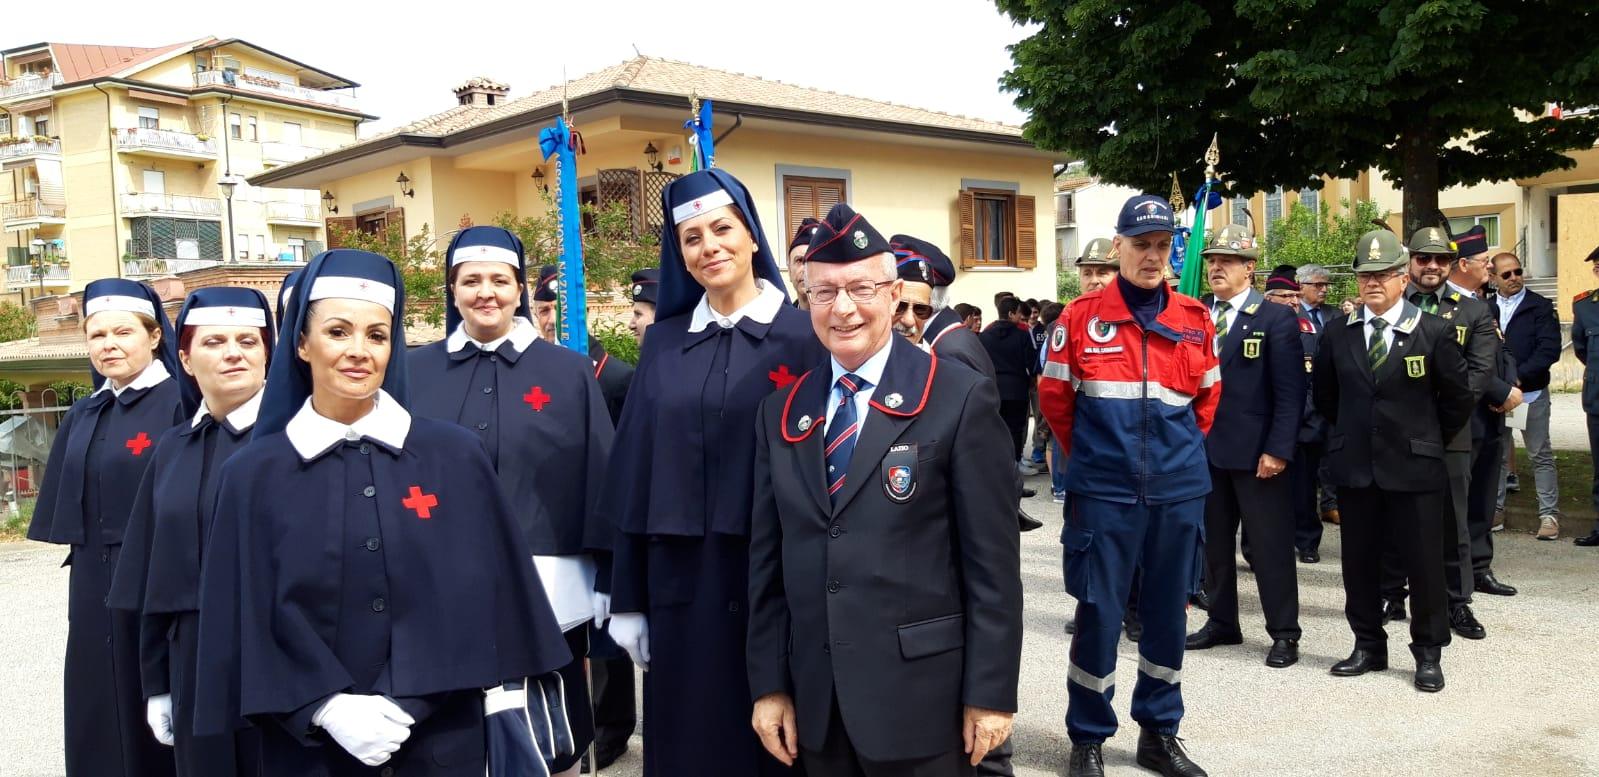 liberazione75esimo (14)